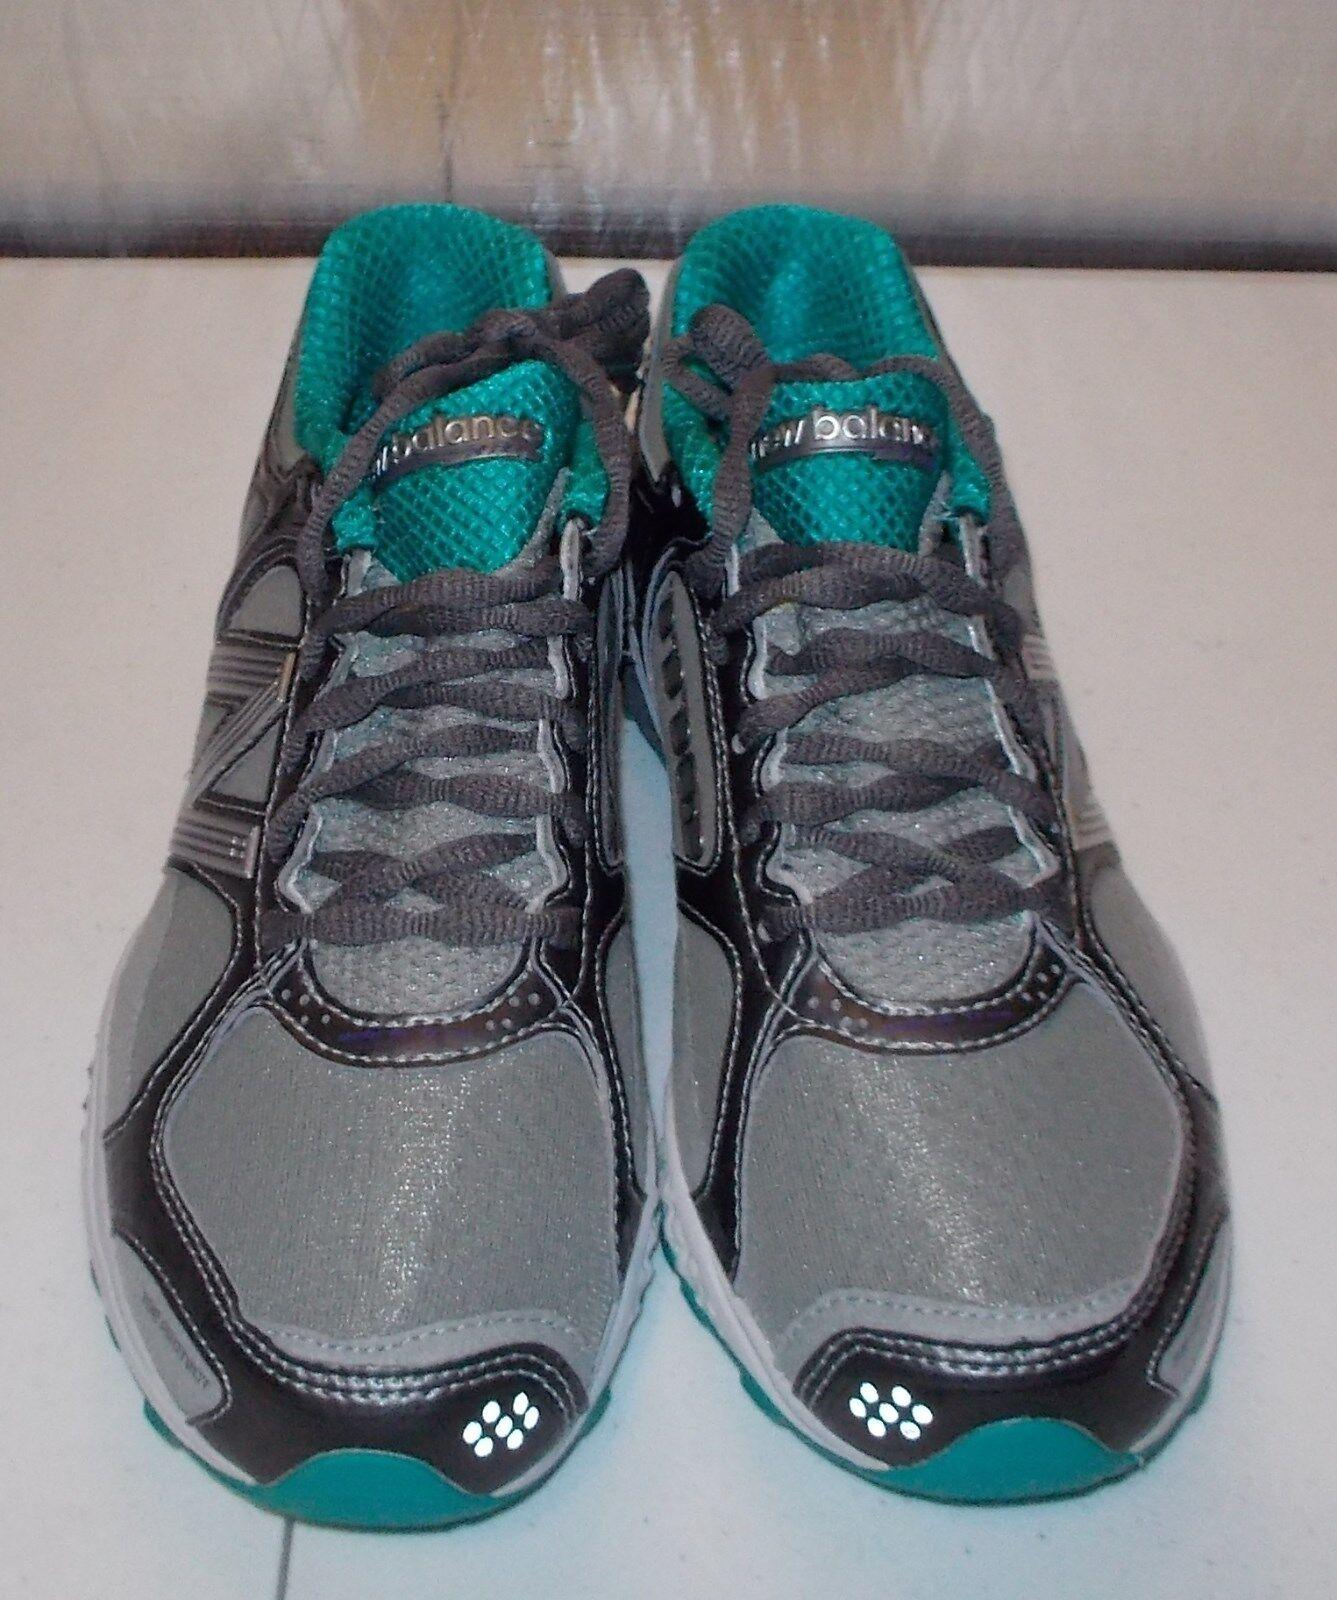 NEW BALANCE 1110 Blau Stability Trail Running Damenschuhe Gray Blau 1110 MEDIUM WIDTH ddf254